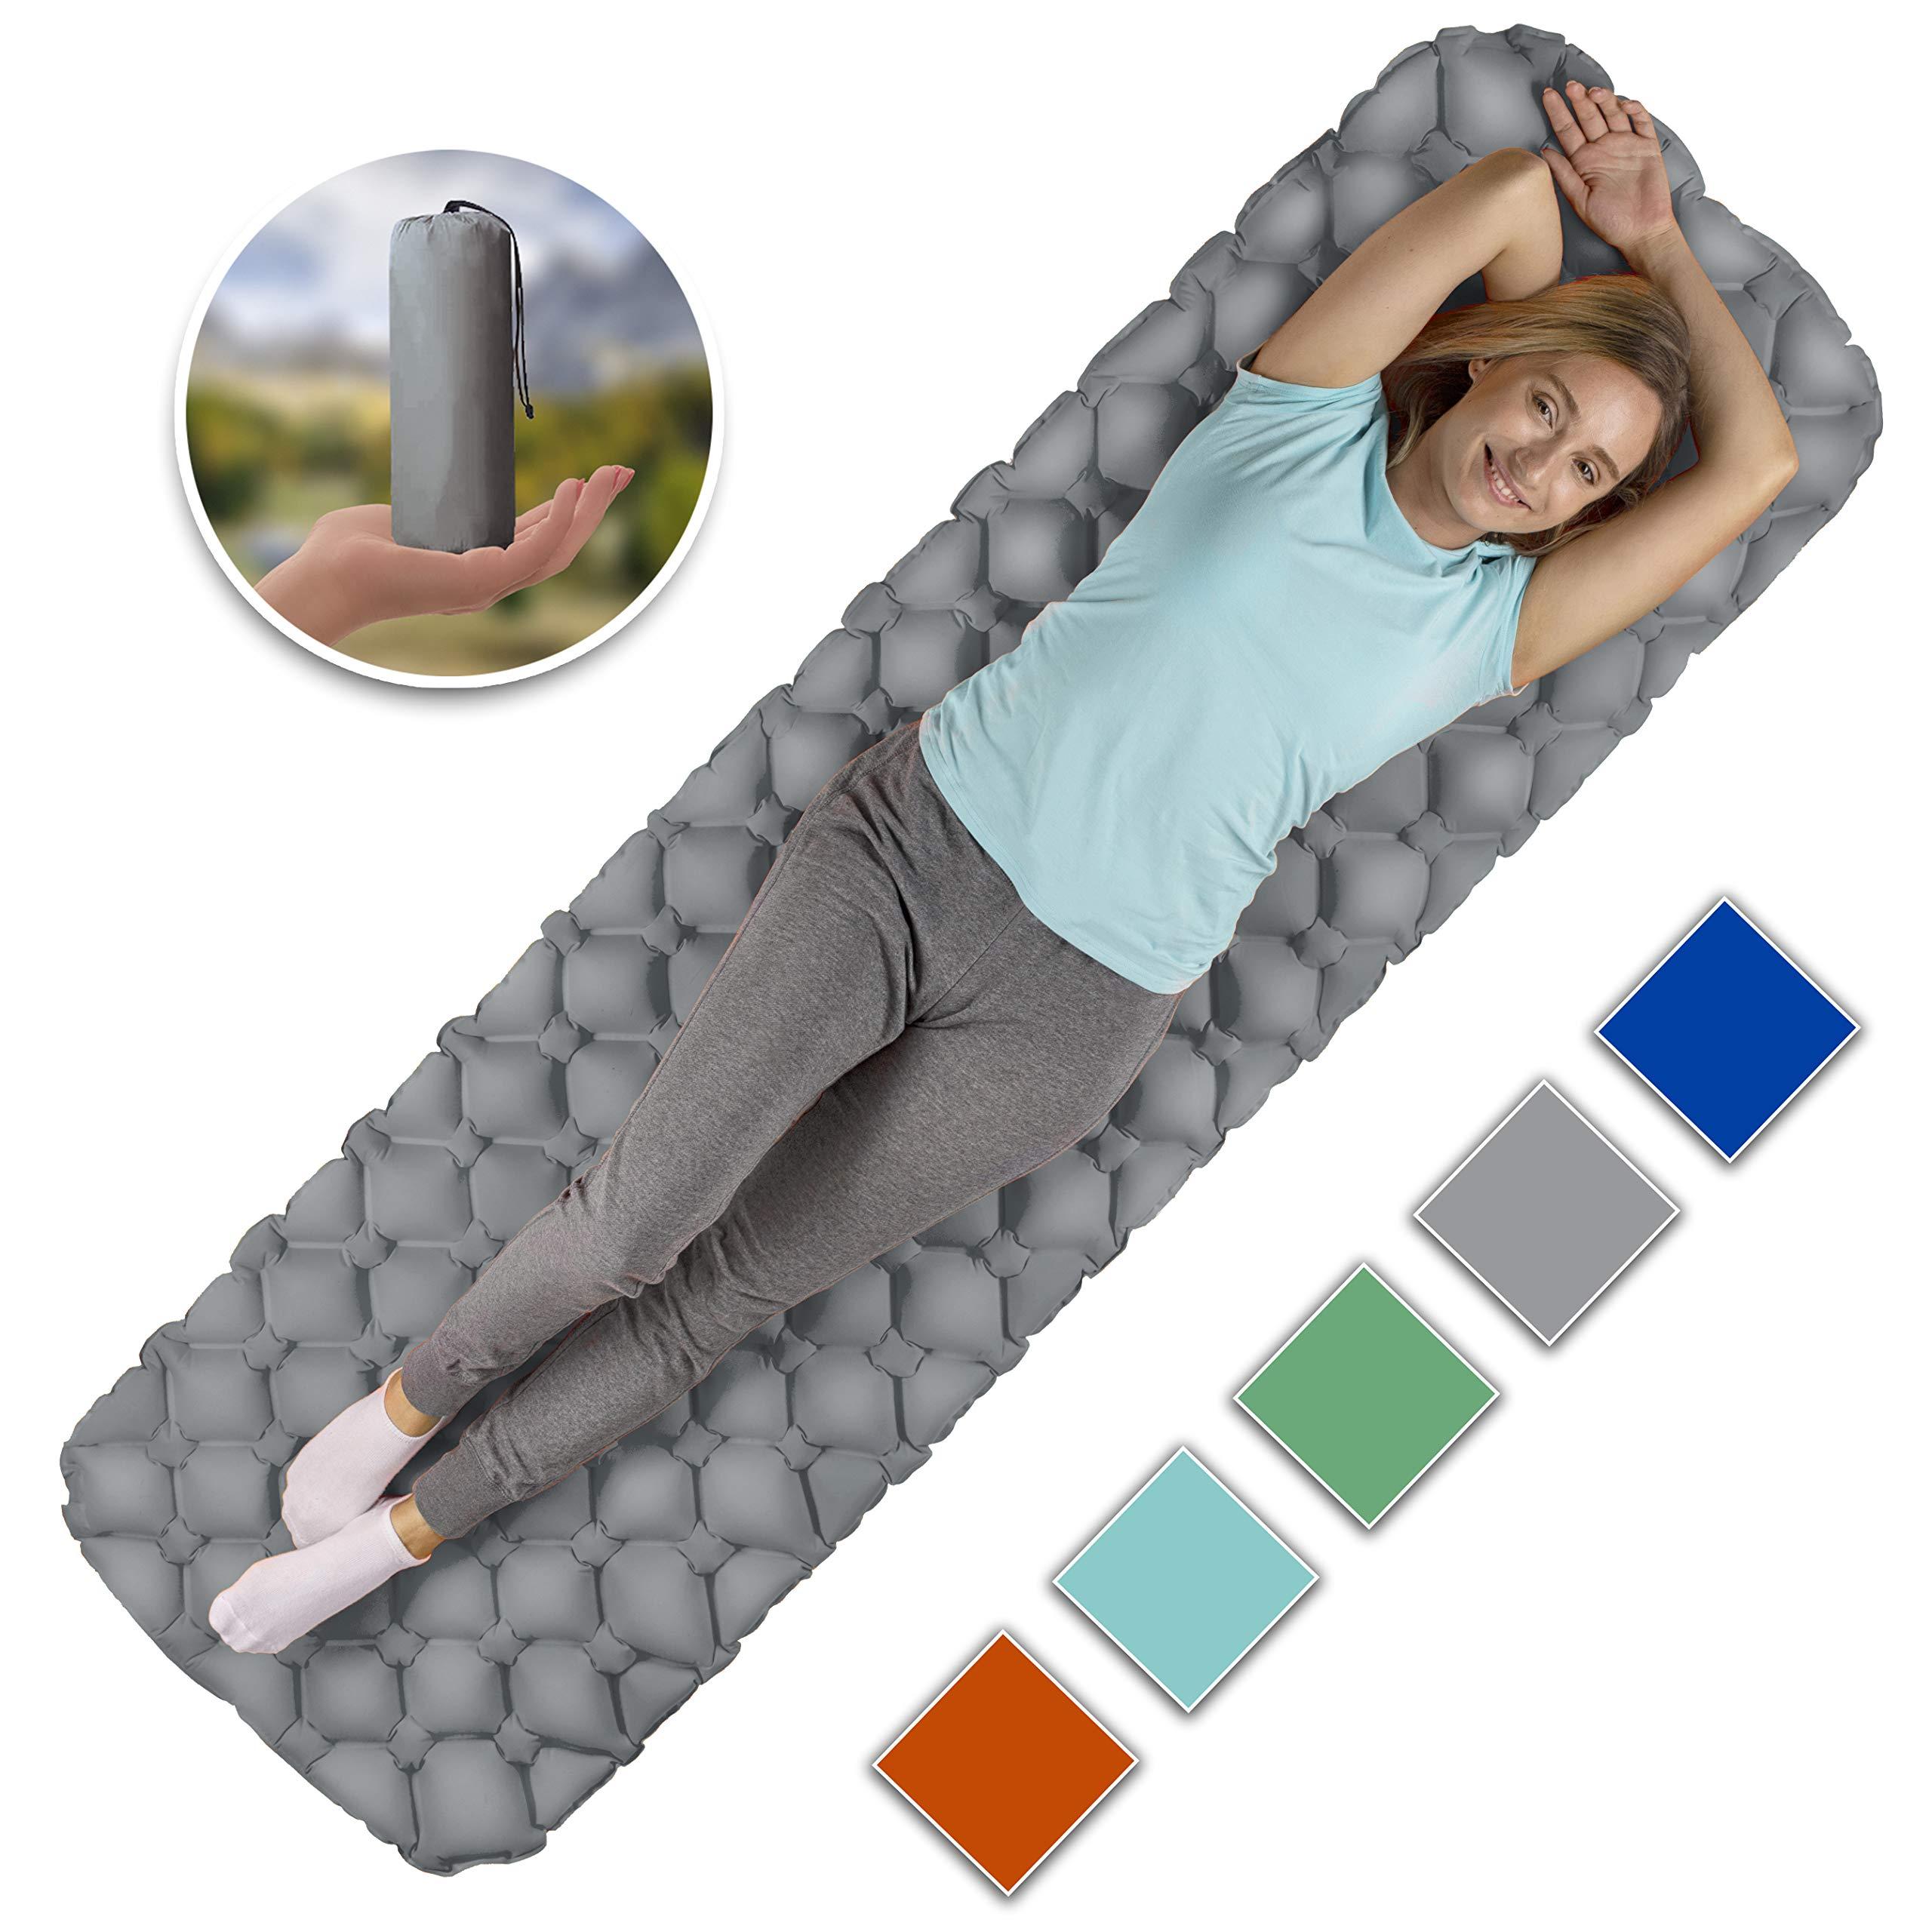 Royexe Sleeping Inflatable Lightweight Backpacking